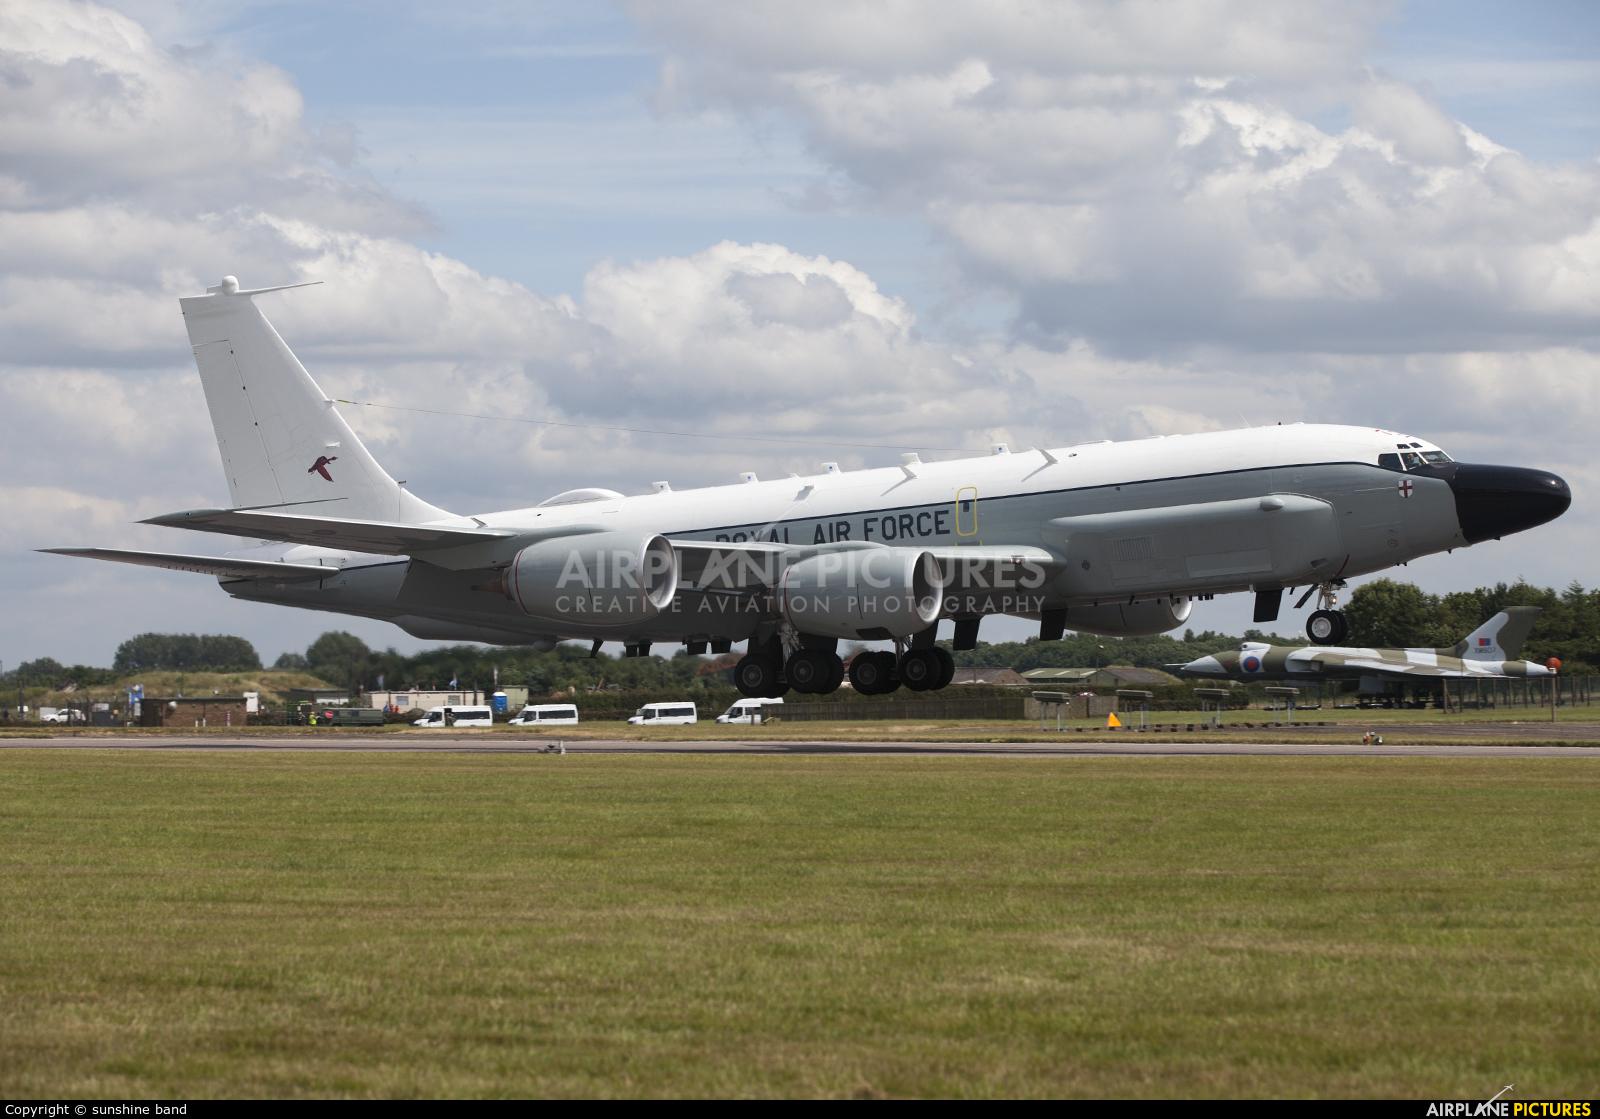 Royal Air Force ZZ664 aircraft at Waddington